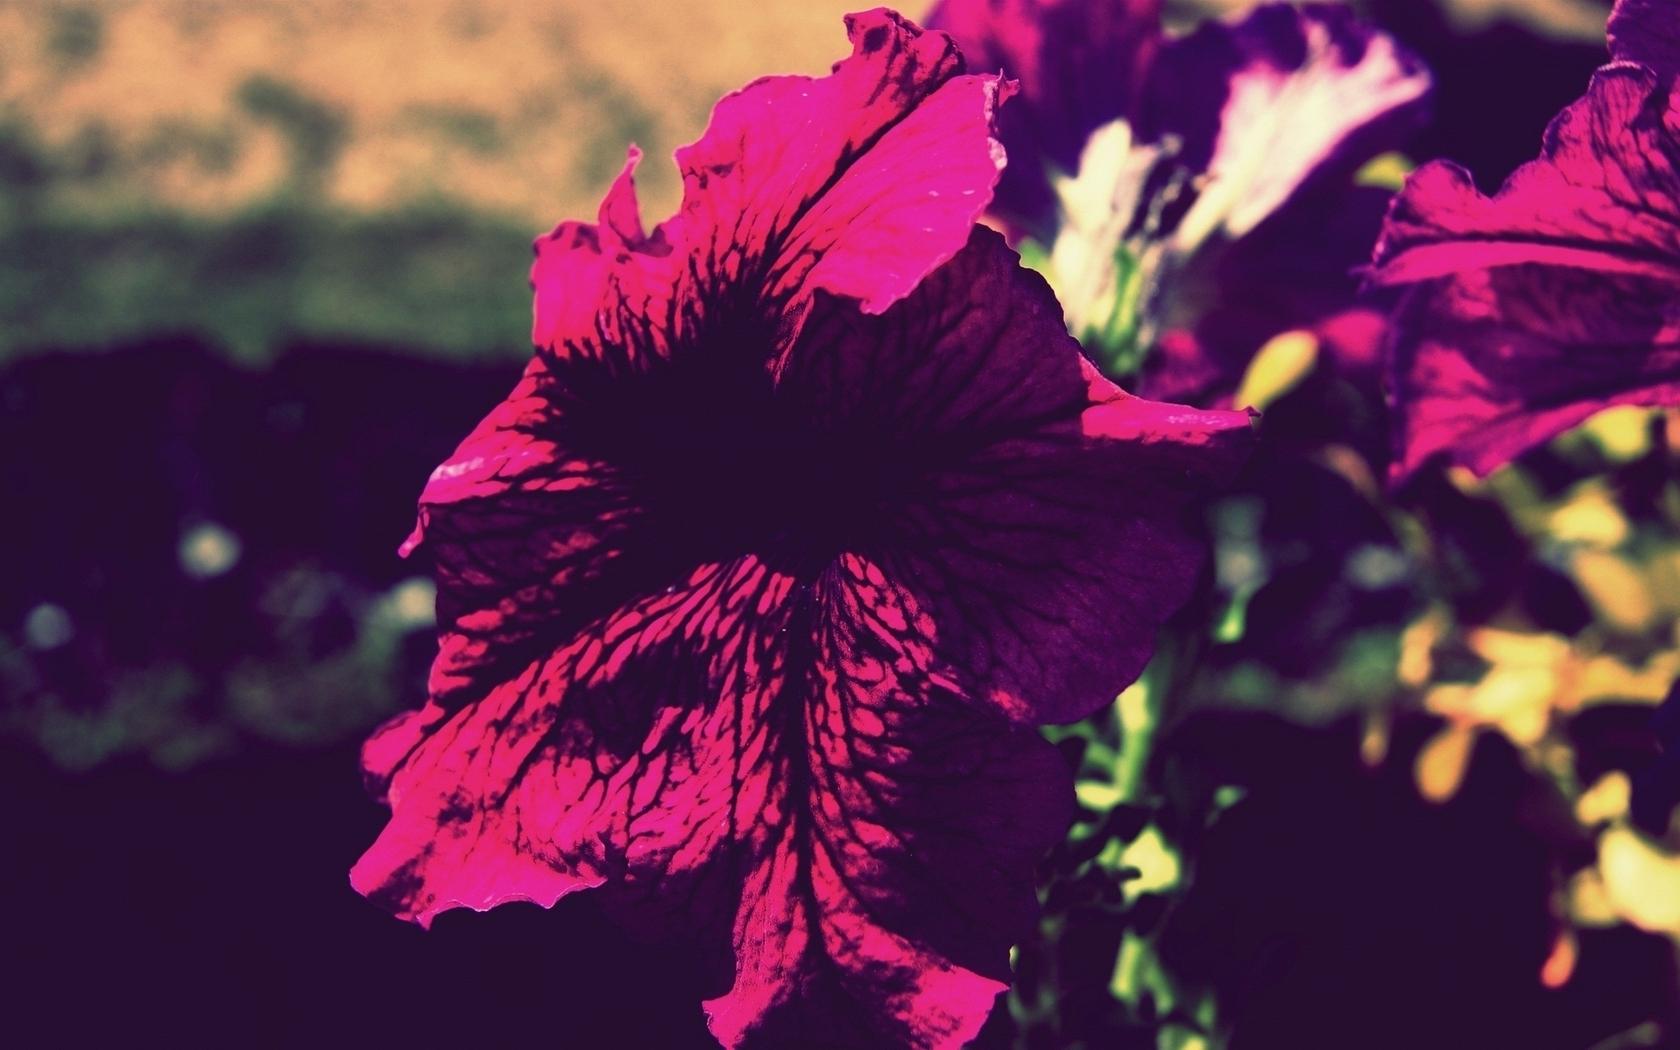 Flowers vintage (1680x1050)